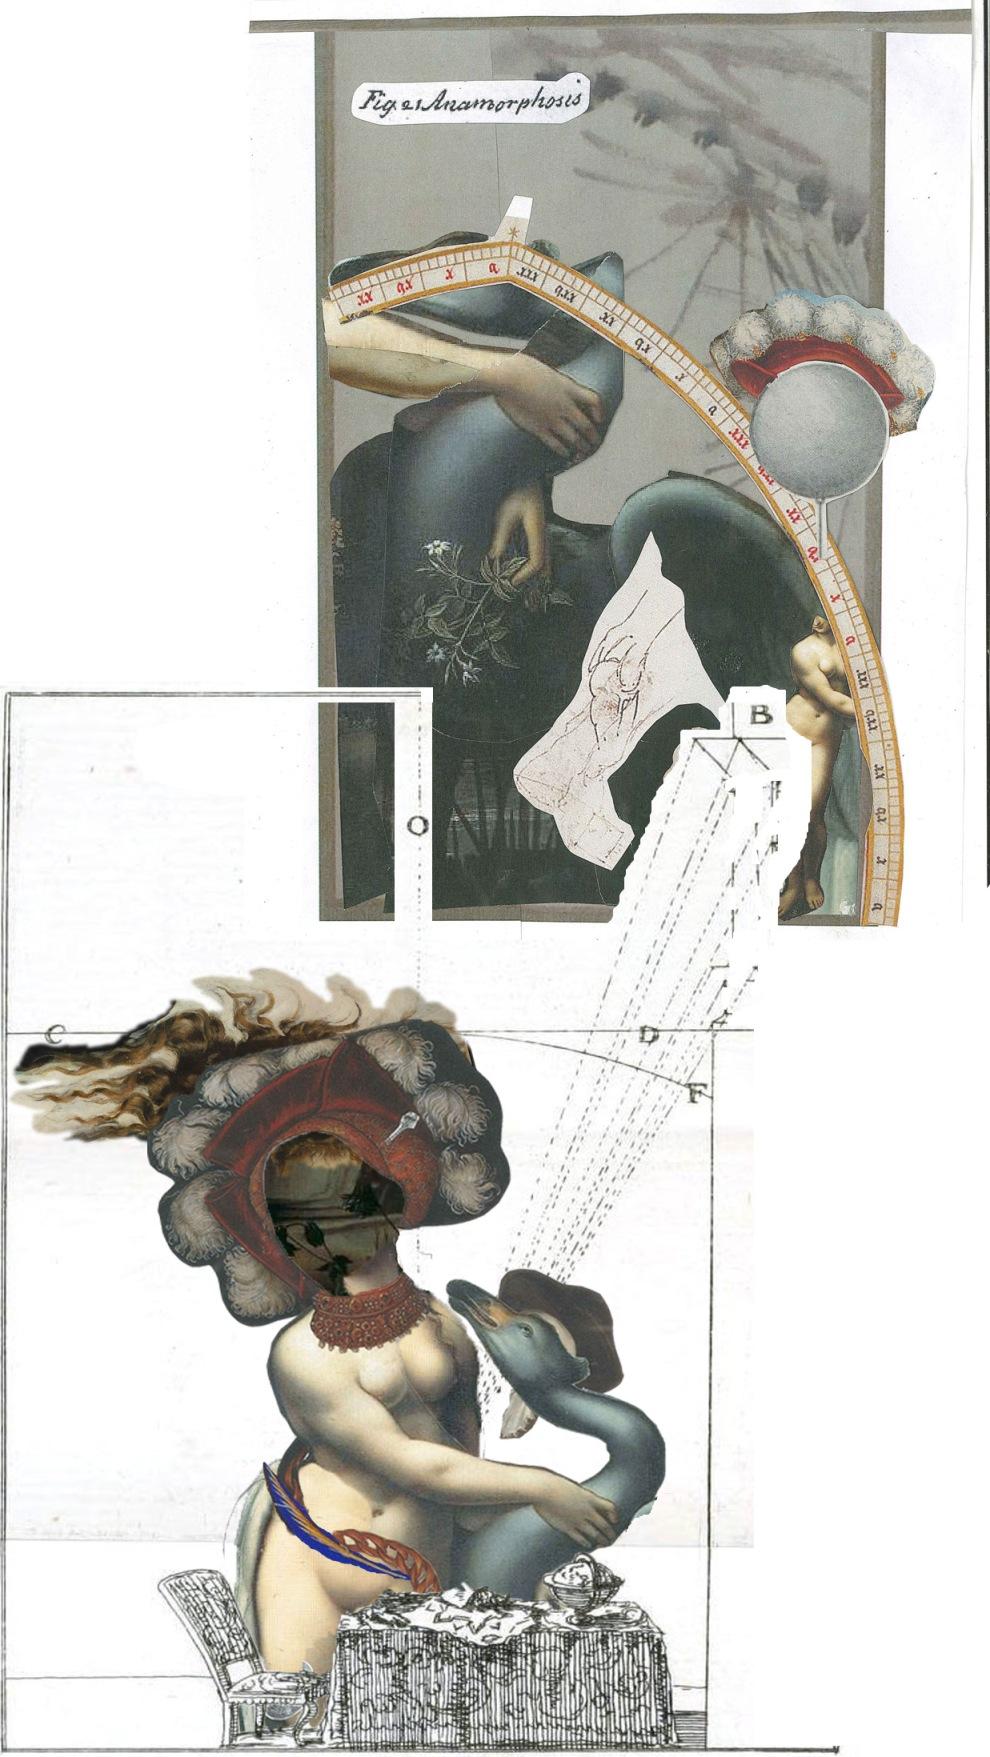 figure 21: anamorphosis